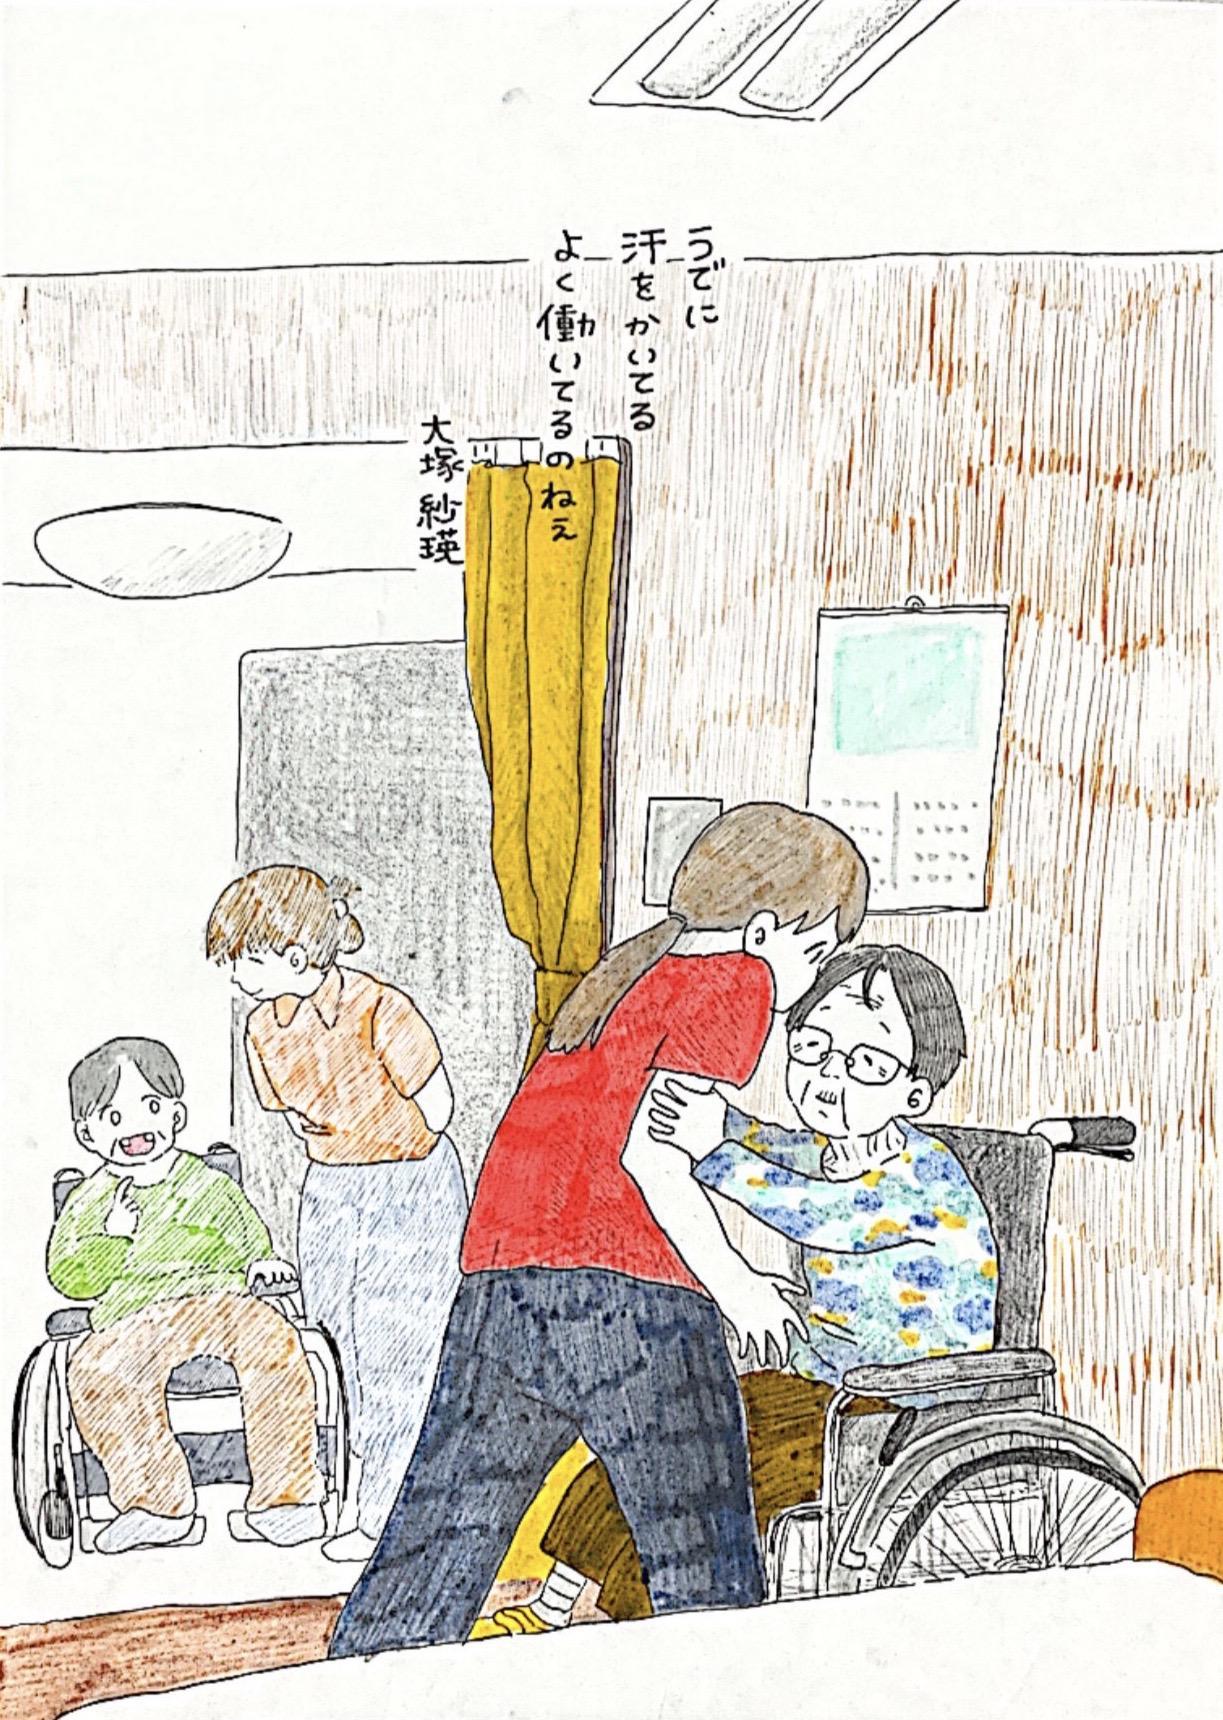 【連載】大塚紗瑛の介護絵日記『すいもあまいも』|第4話「老人ホームのヘレン・ケラー」